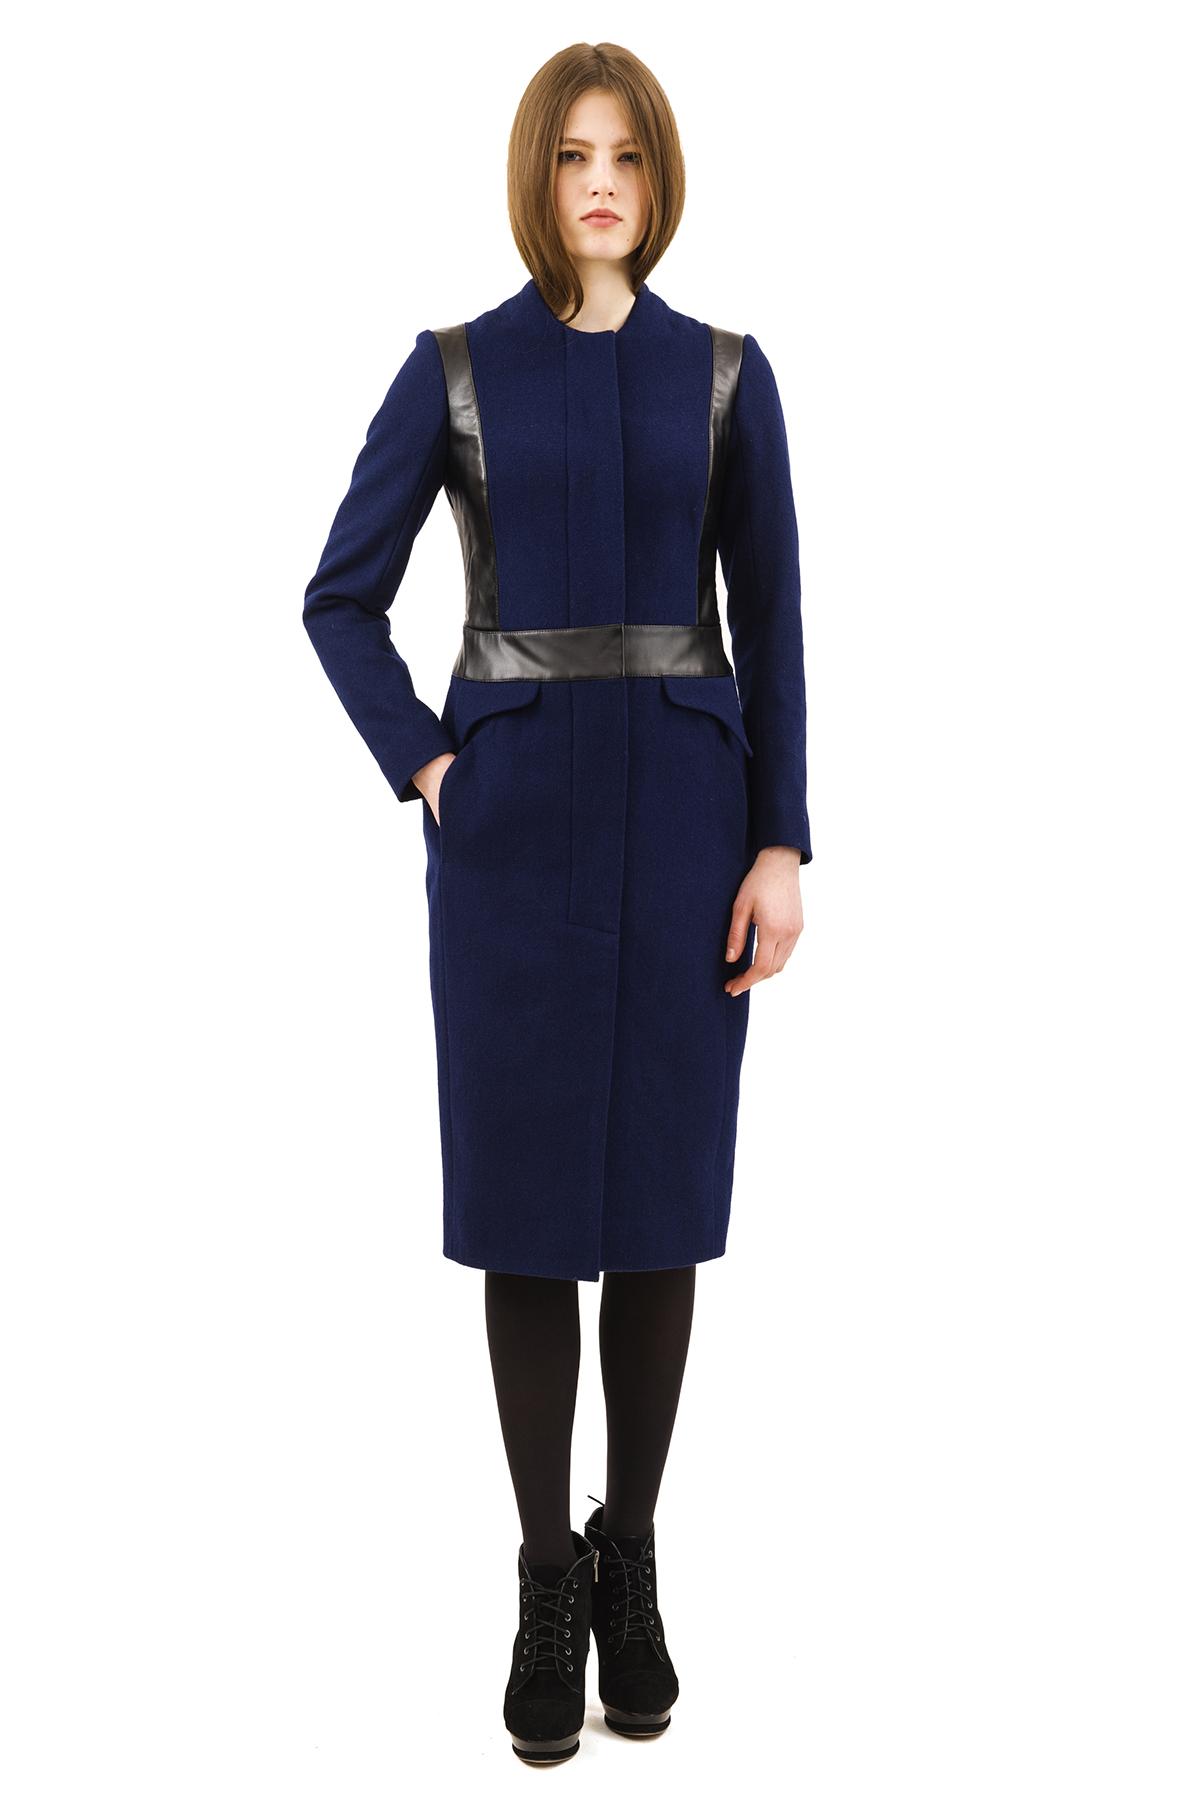 ПальтоЖенские куртки, плащи, пальто<br>Bосхитительный вариант для тех, кто предпочитает стильные решения - элегантное пальтоDoctor Eсдержанного модного дизайна, который подчеркнет Ваш безупречный вкус.<br><br>Цвет: синий<br>Состав: 60% шерсть, 40% полиэстер<br>Размер: 40,44,46,48,50,54,56,58<br>Страна дизайна: Россия<br>Страна производства: Россия